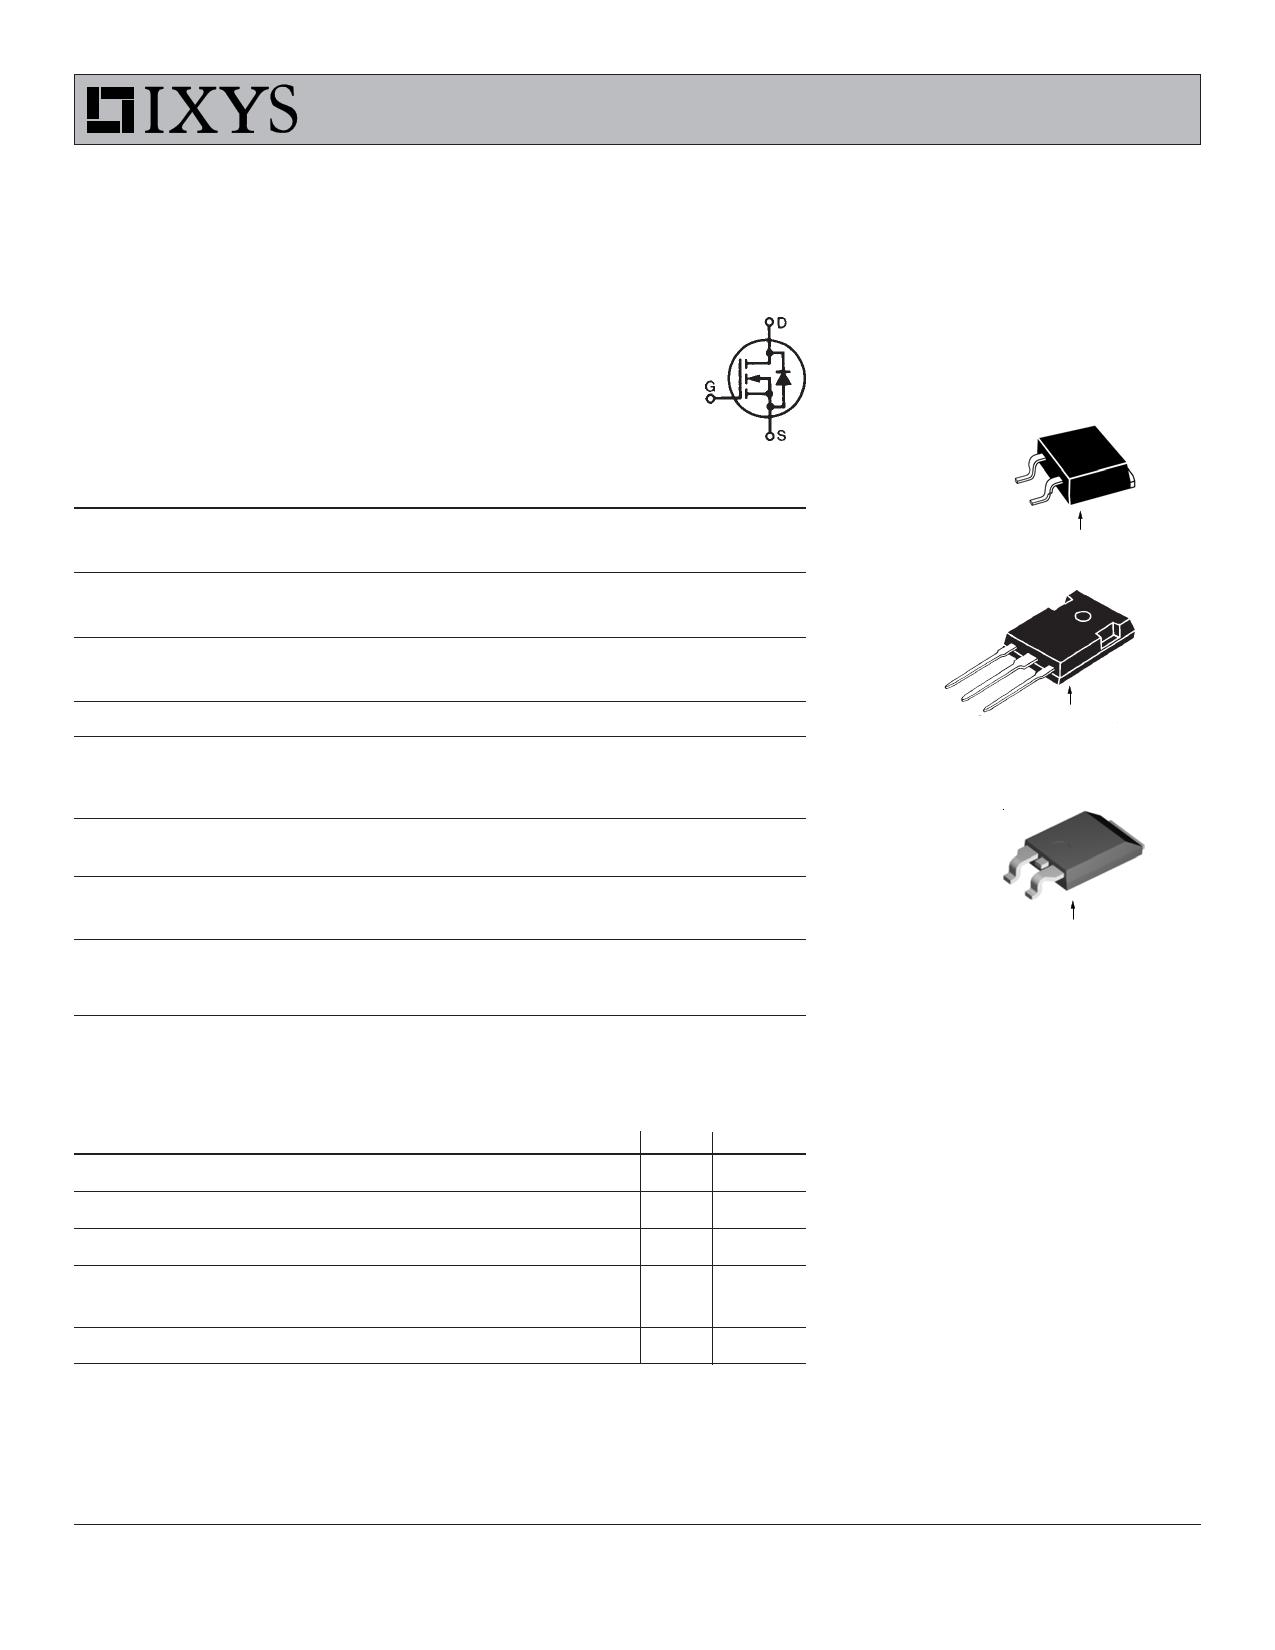 IXTA02N250 Datasheet, IXTA02N250 PDF,ピン配置, 機能